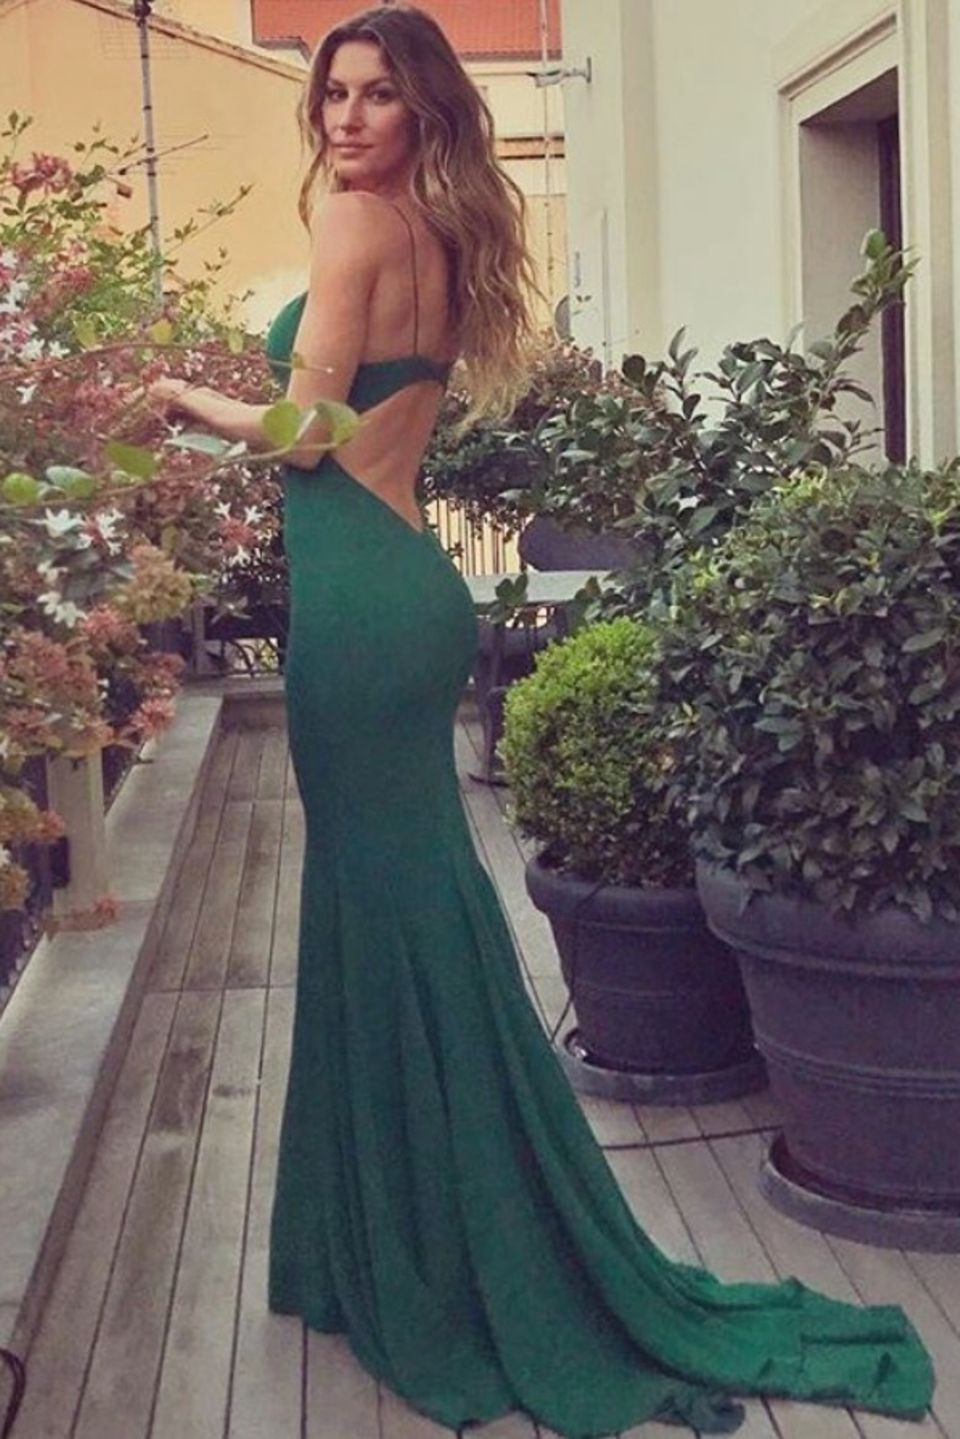 """Die Met gala ist für Gisele Bundchen nicht der erste Anlass, bei dem sie Livia unterstützt. Sie ist im September 2017 ebenfalls Gast der """"Green Carpet Fashion Awards"""" in Italien. Ihr Kleid von Stella McCartney ist dabei komplett aus Viskose hergestellt, die ihren Ursprung in nachhaltig zertifizierten Wäldern Schwedens hat."""